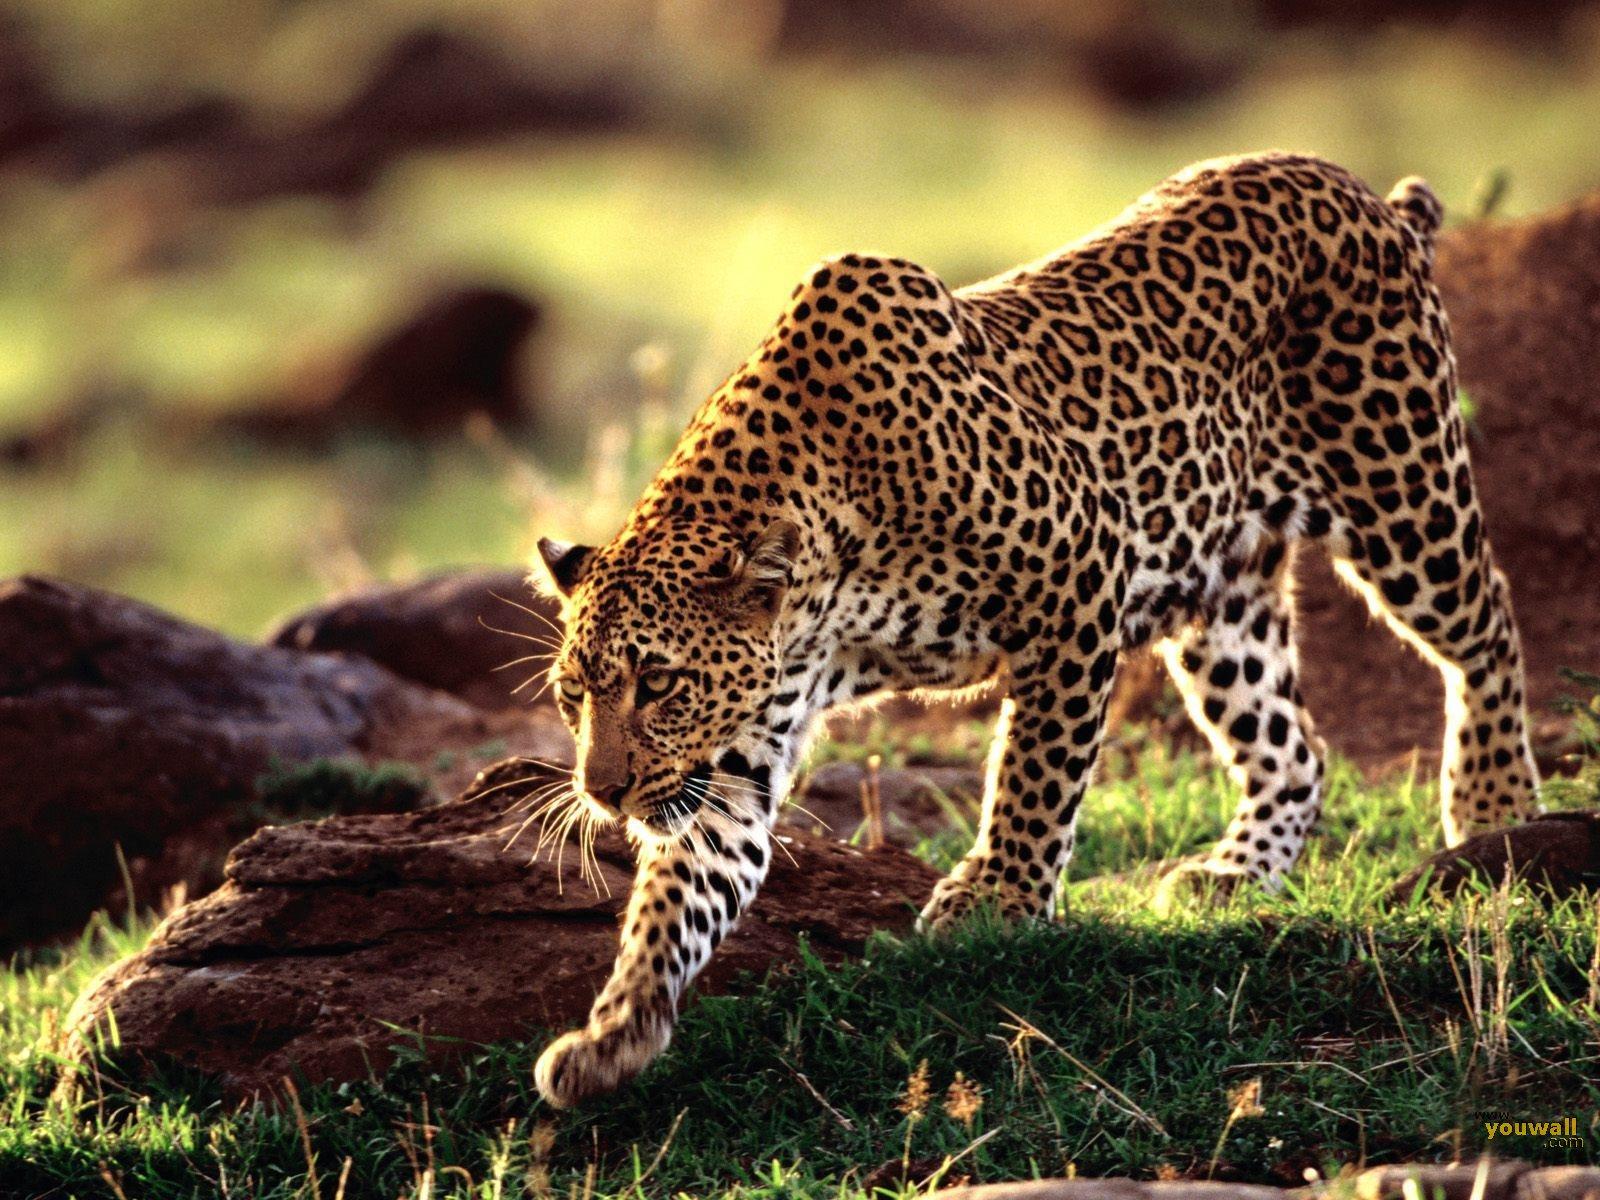 animais do pantanal conheça os 6 mais famosos e suas características